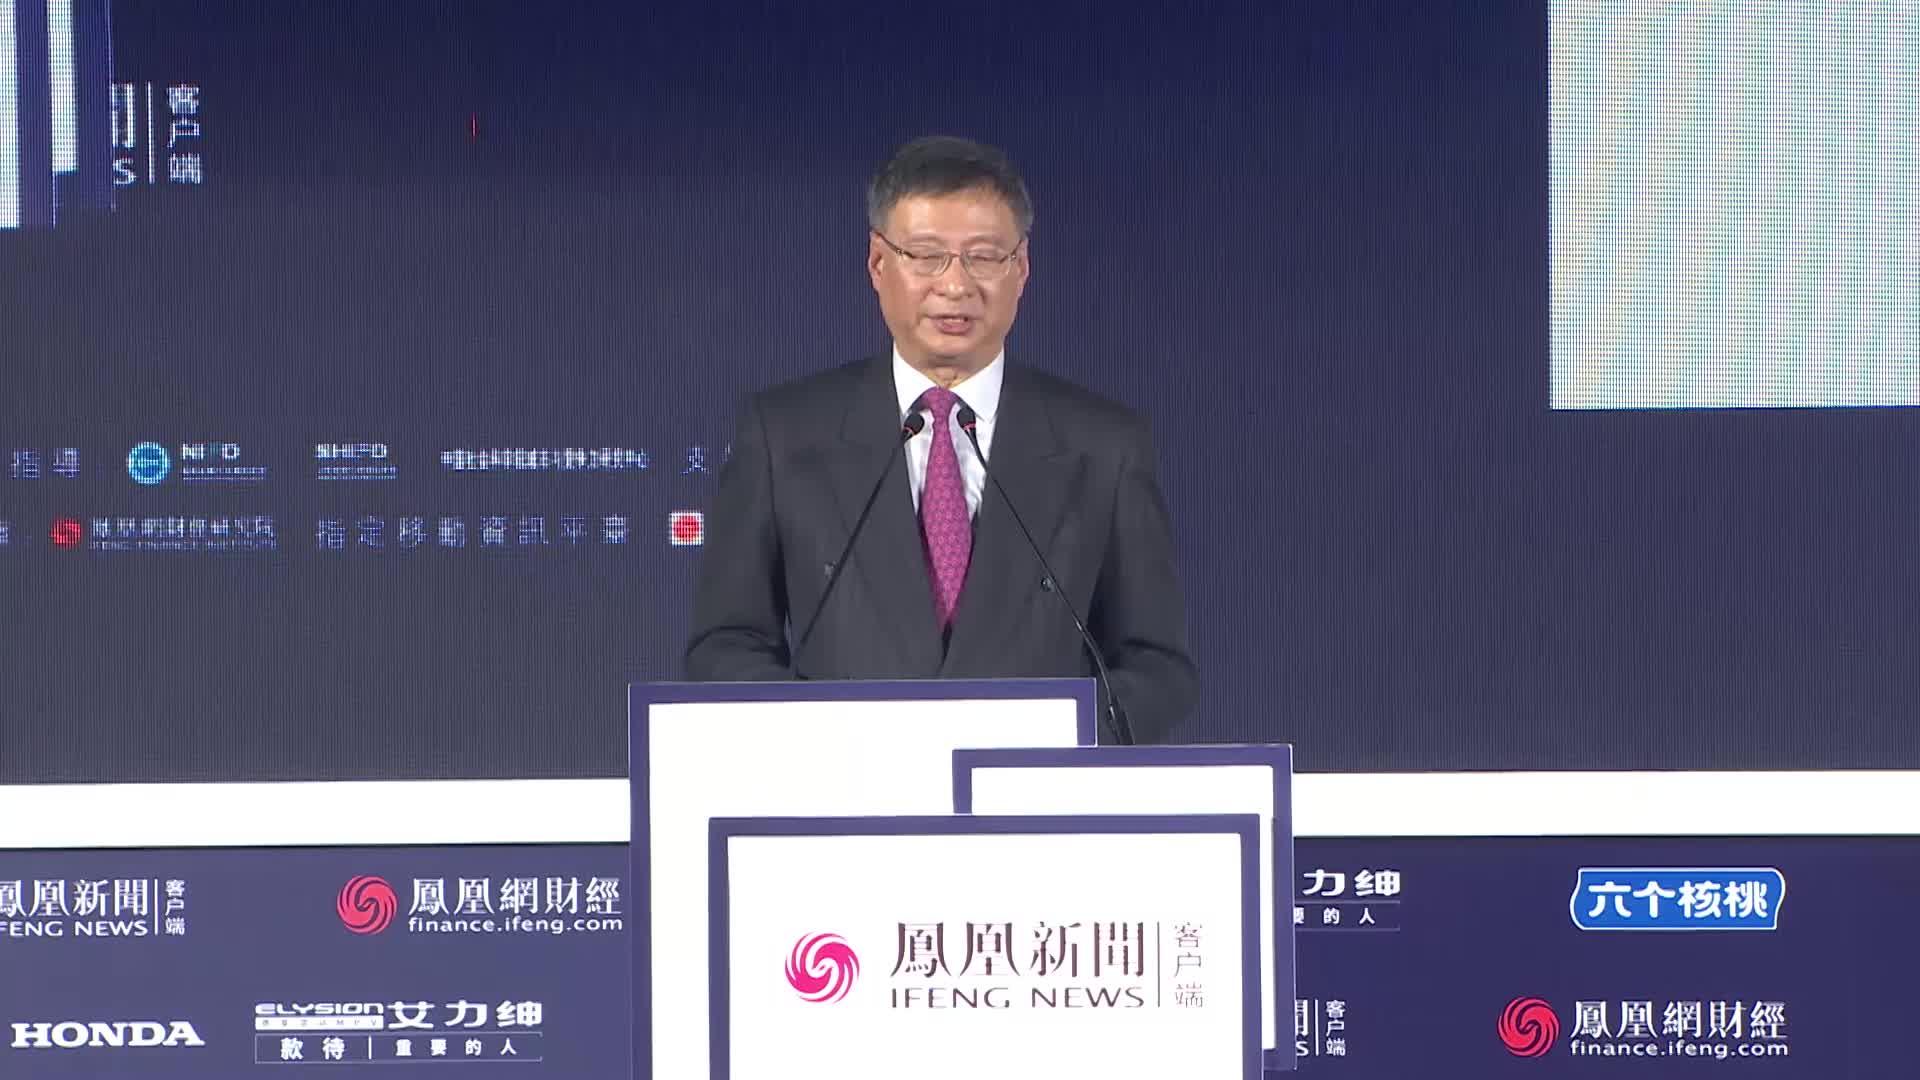 2019财经高峰论坛 | 李礼辉主旨演讲